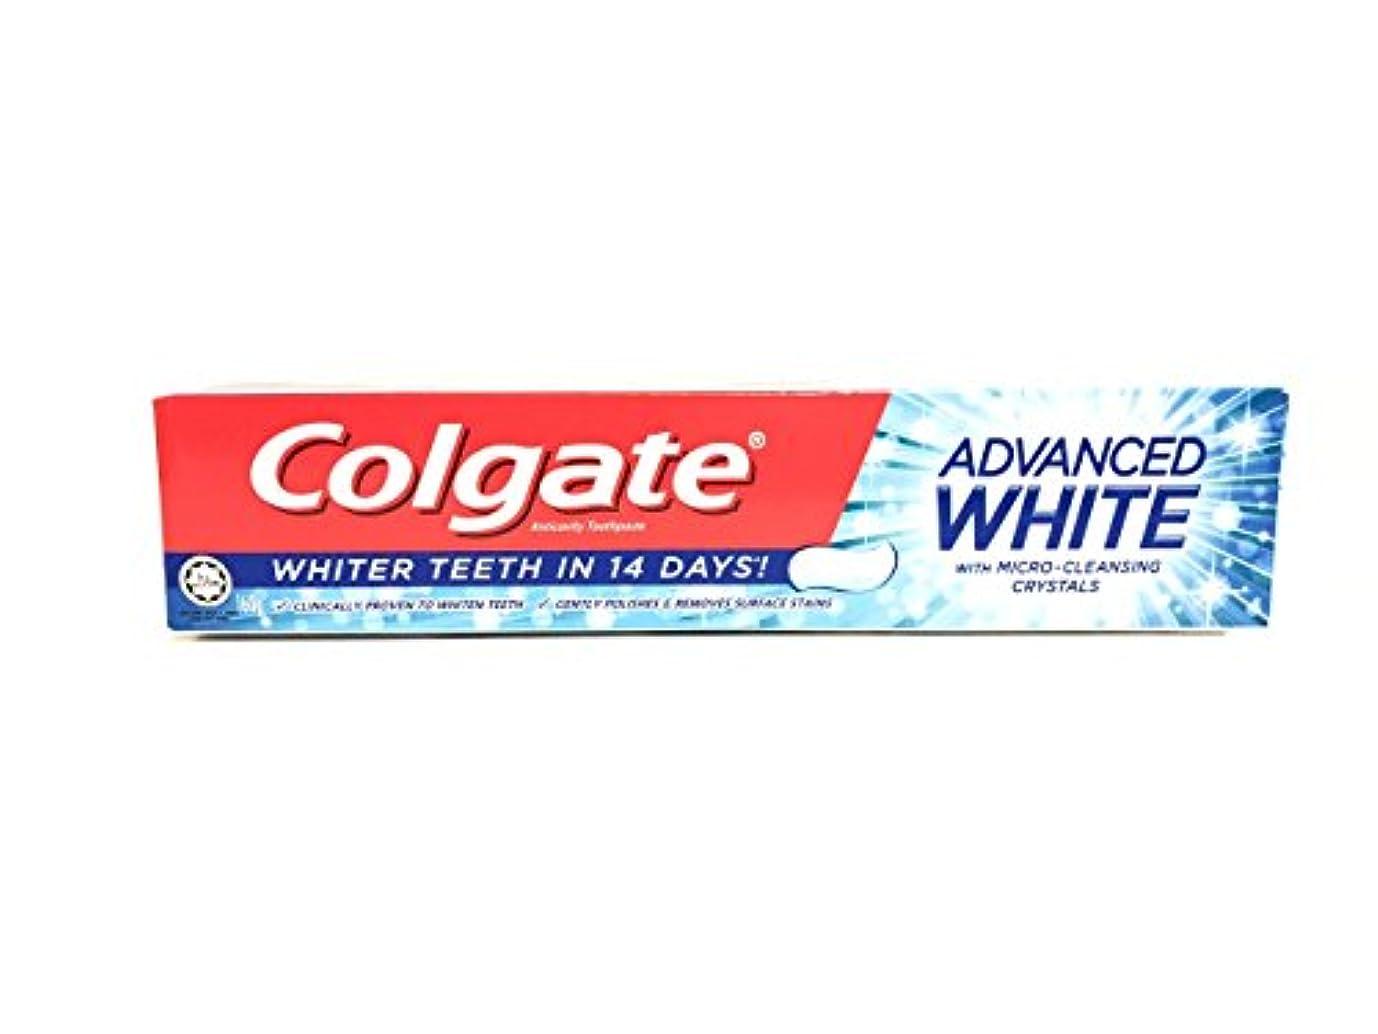 涙非難比較的[ARTASY WORKSHOP®][並行輸入品] Colgate コルゲート 歯磨き粉 美白 ADVANCED WHITE 美白歯磨剤 虫歯予防 歯周病ケア 口臭改善 ホワイトニング (ADVANCED WHITE)